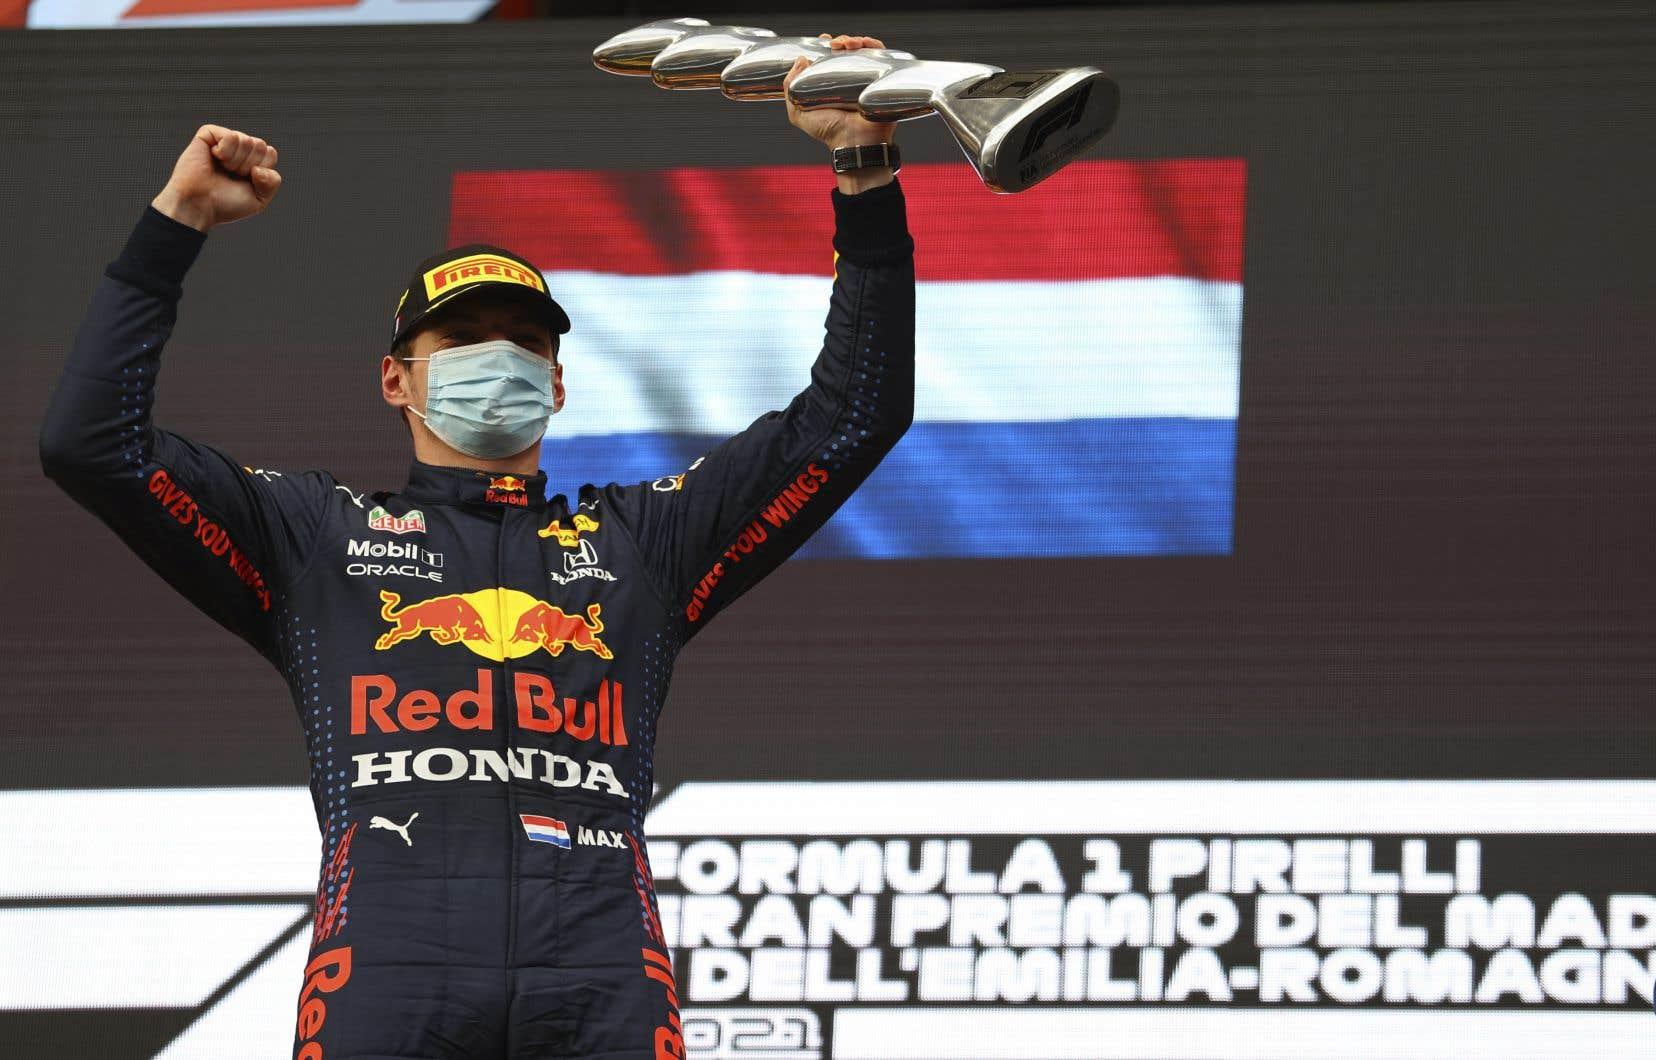 Max Verstappen a devancé le pilote Mercedes Lewis Hamilton de 22,087 secondes au fil d'arrivée de l'Autodromo Enzo e Dino Ferrari, signant du même coup sa première victoire cette saison.